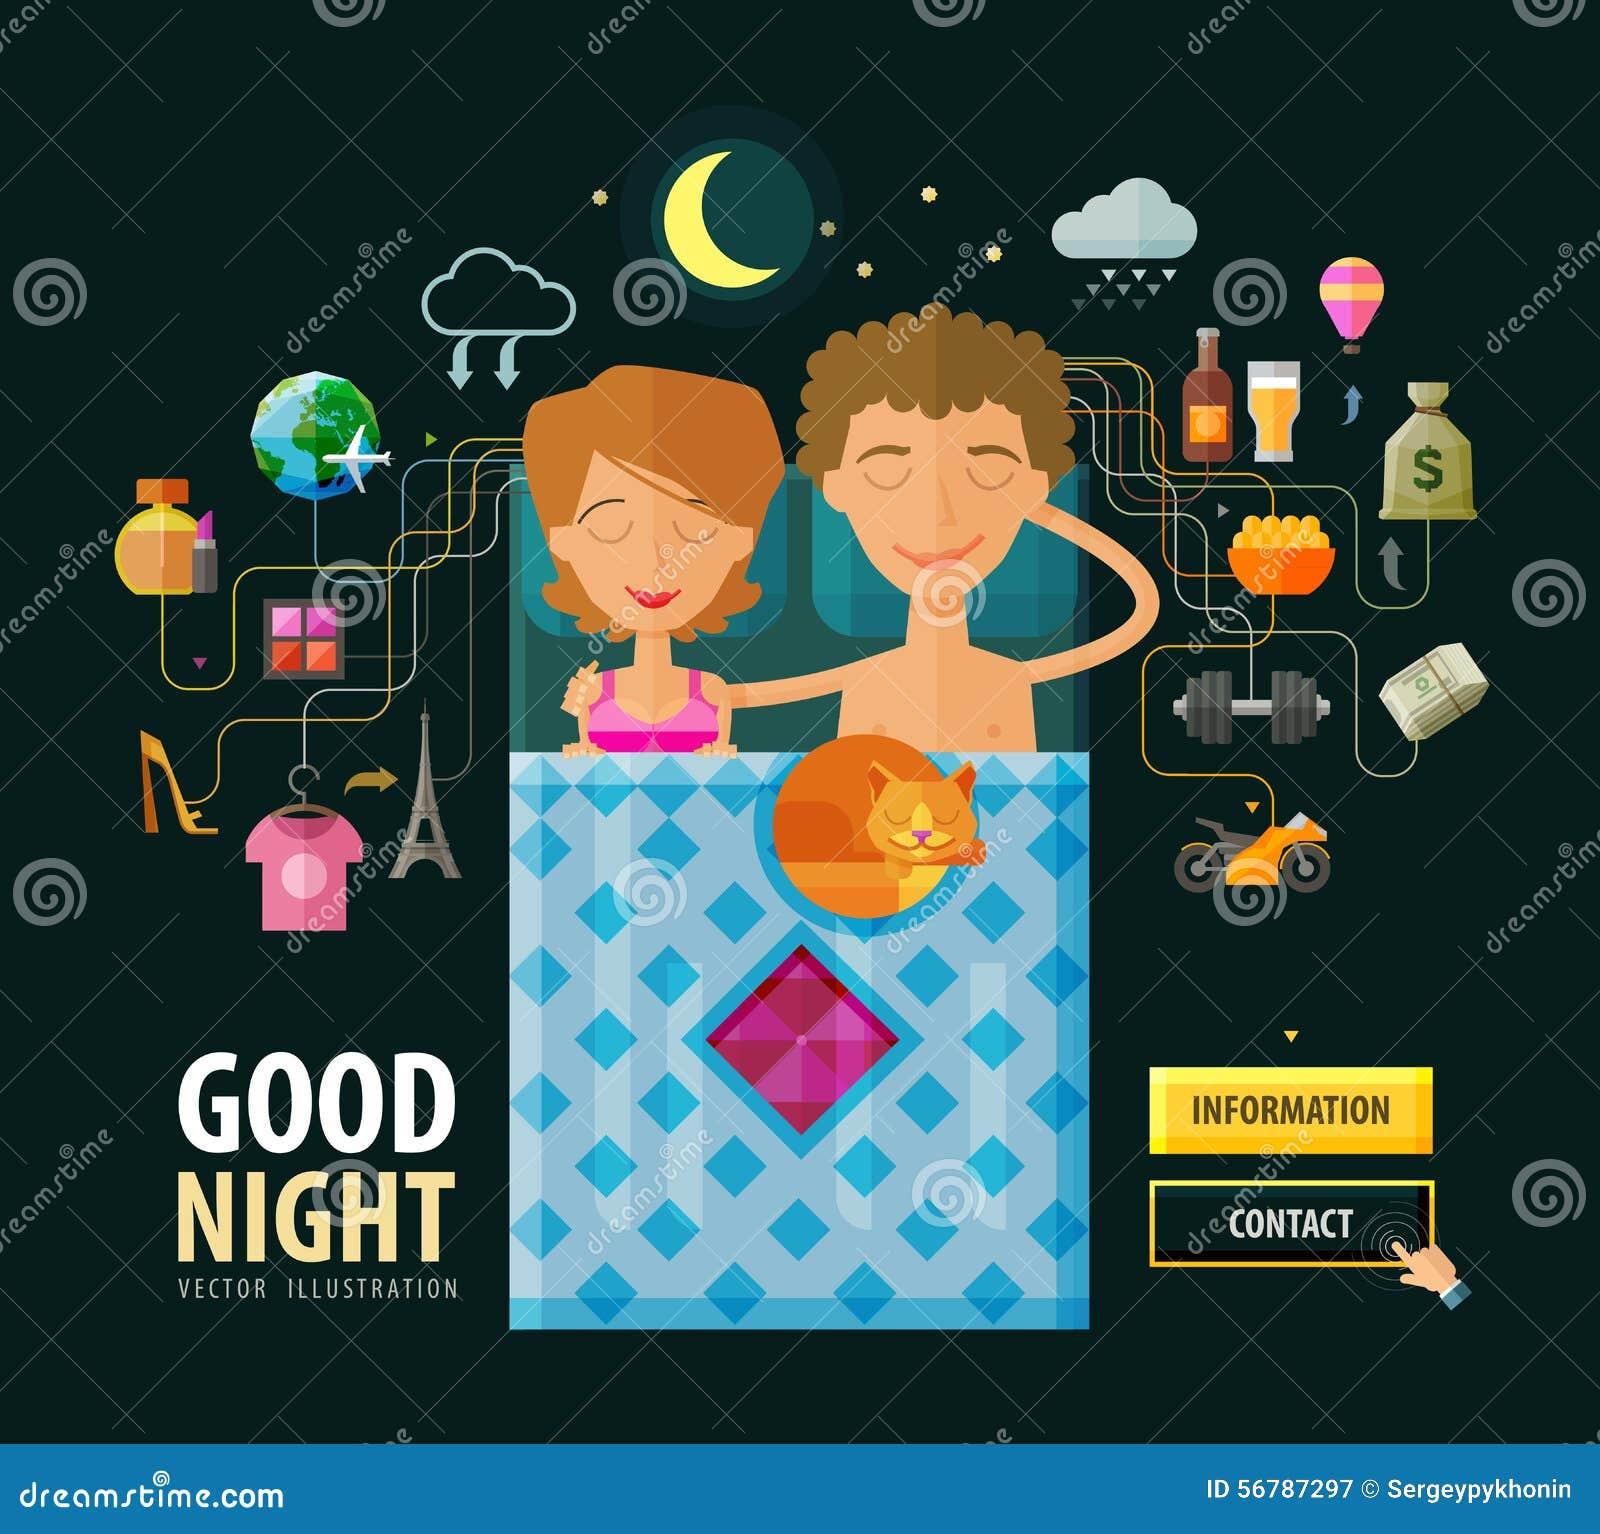 Good Night Vector Logo Design Template Dream Stock Vector